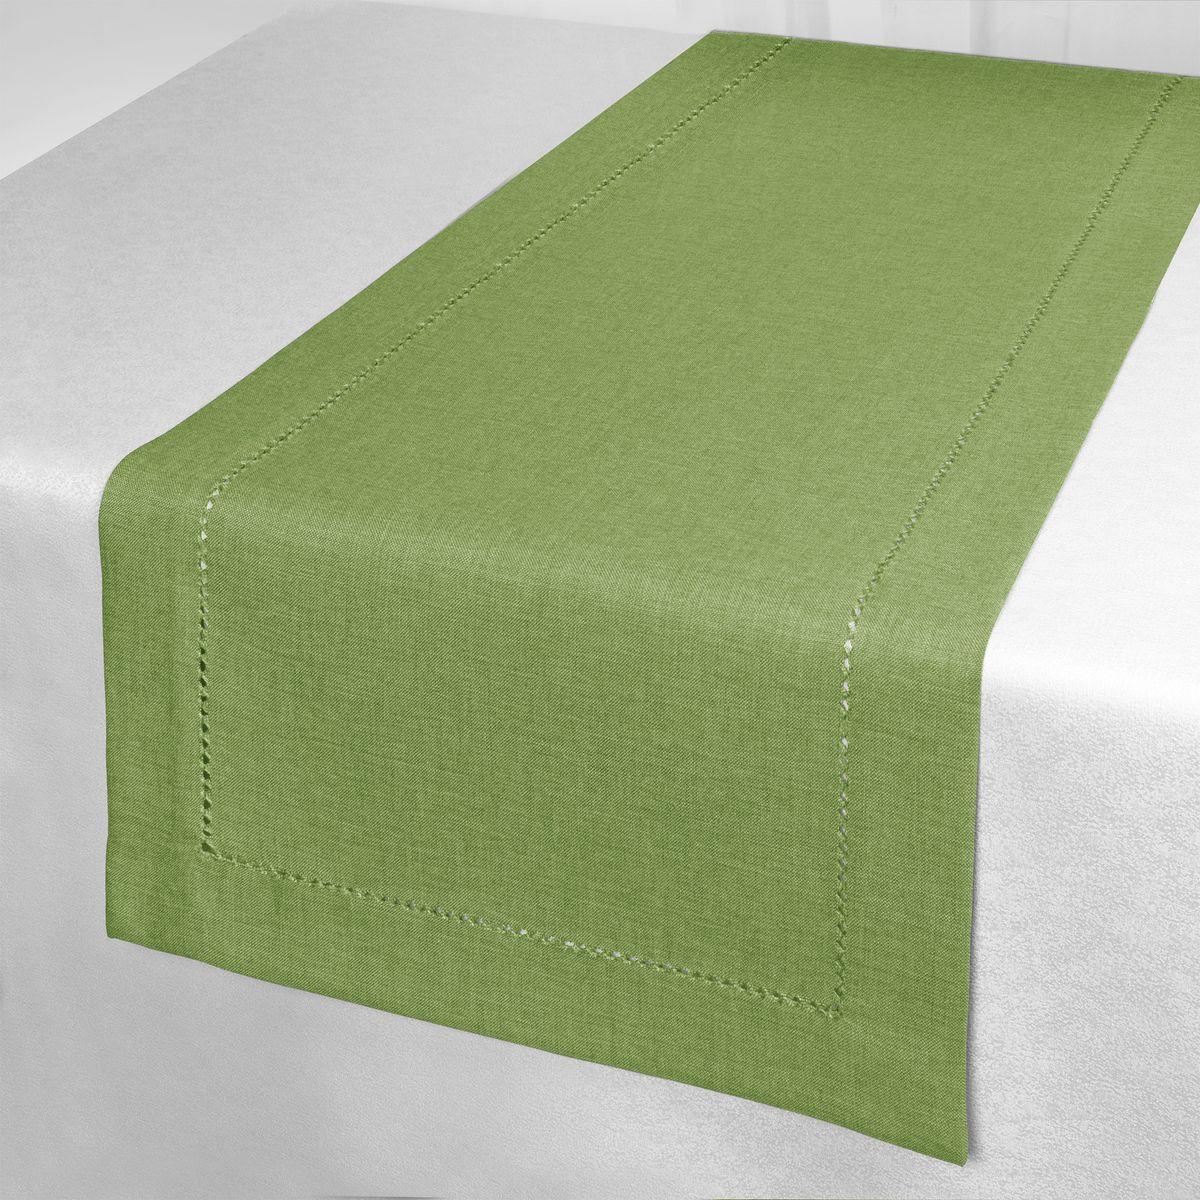 Дорожка для декорирования стола Schaefer, 40x140 см. 07602-21107602-211